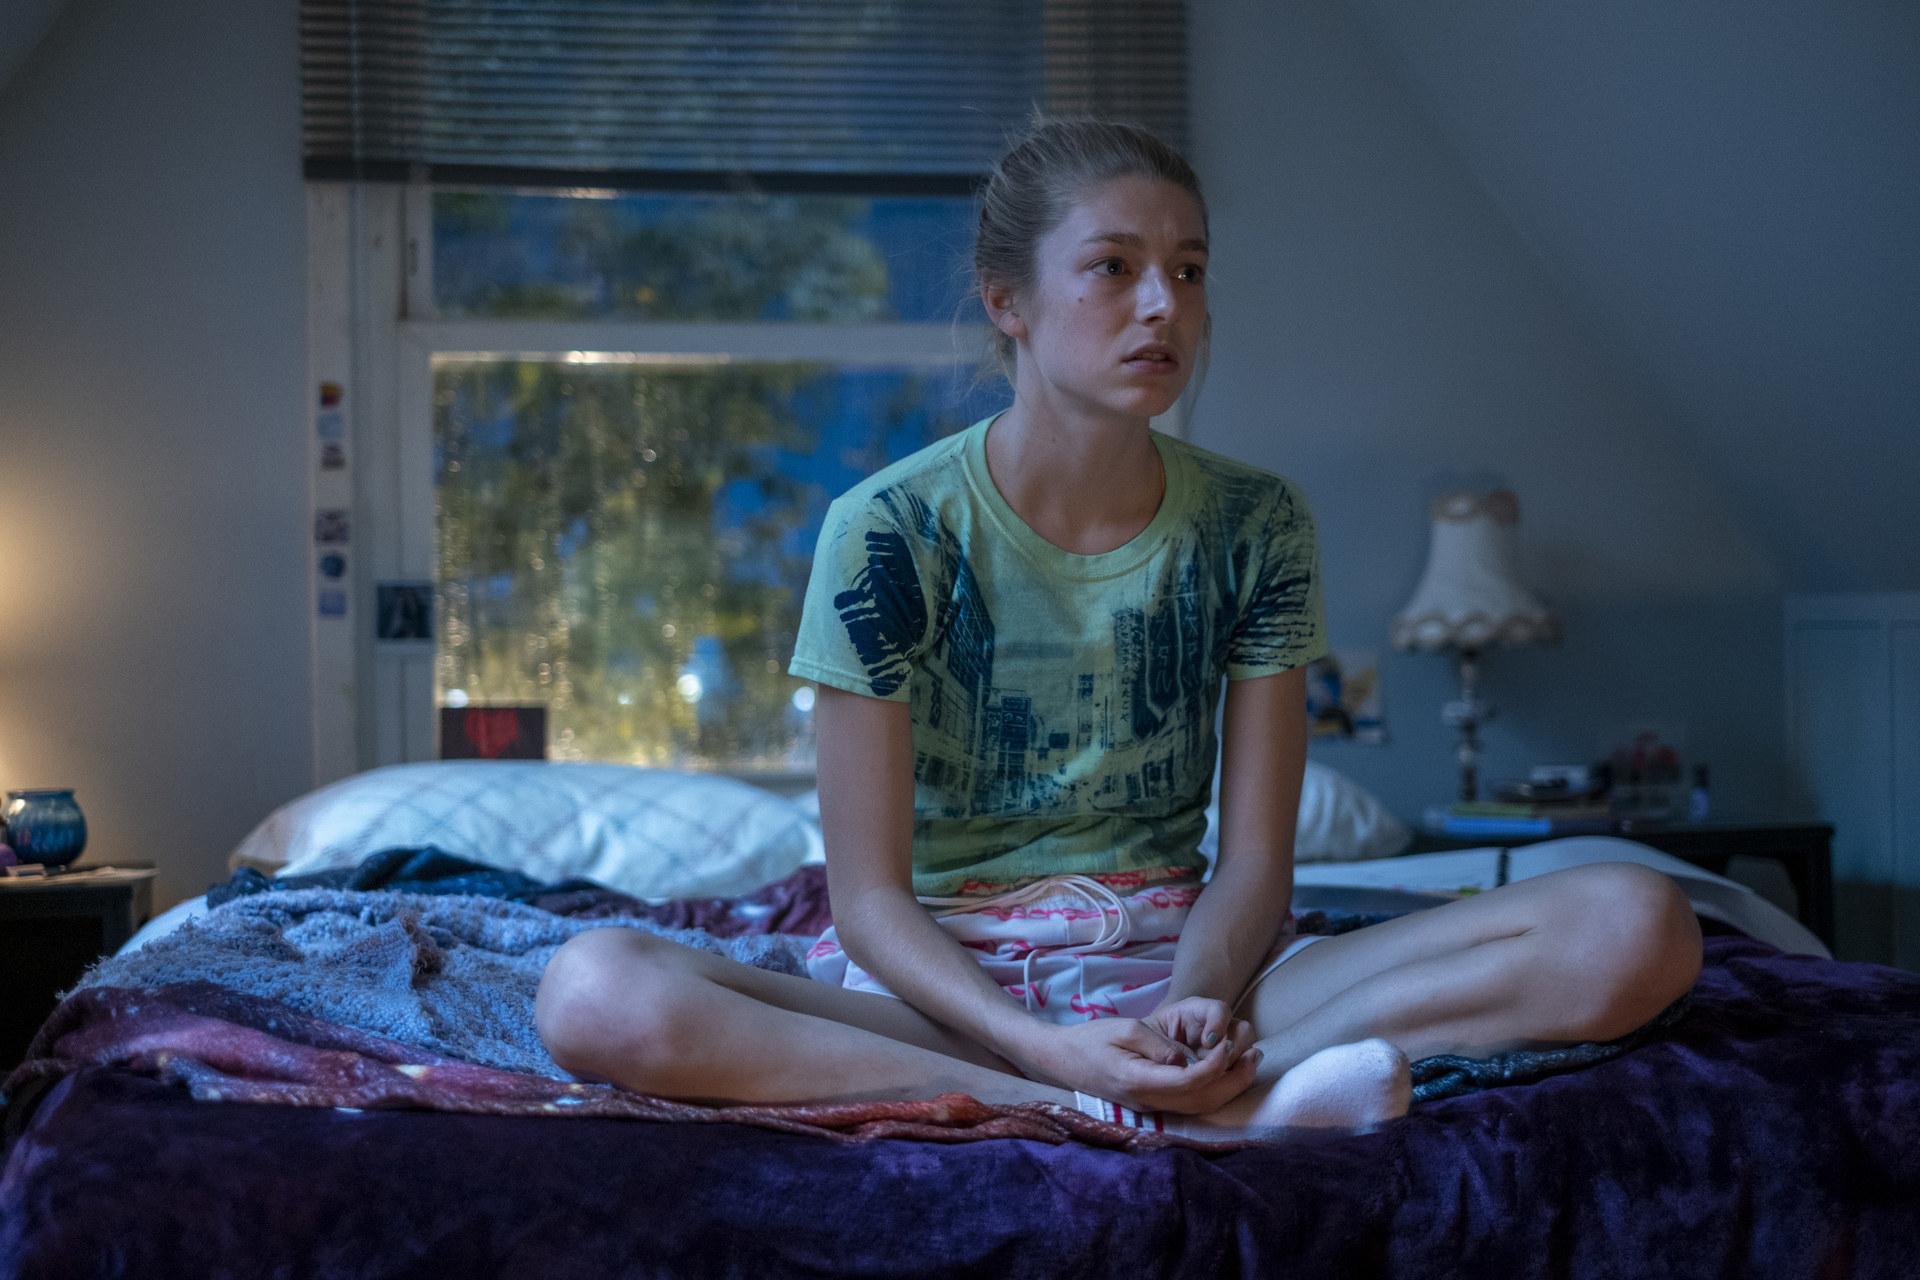 Cena do episódio Part 2: Jules de Euphoria. Jules está sentada na cama com as pernas em posição de índio. Jules é uma adolescente de pele clara e cabelos loiros quase brancos. Ela os tem preso num coque, e usa uma camiseta verde com detalhes azuis que formam uma rua na estampa. Ela veste shorts curtos e claros, e tem as mãos em cima dos pés. Ao fundo, vemos um abajur branco, um travesseiro branco e a janela do quarto, está de noite.